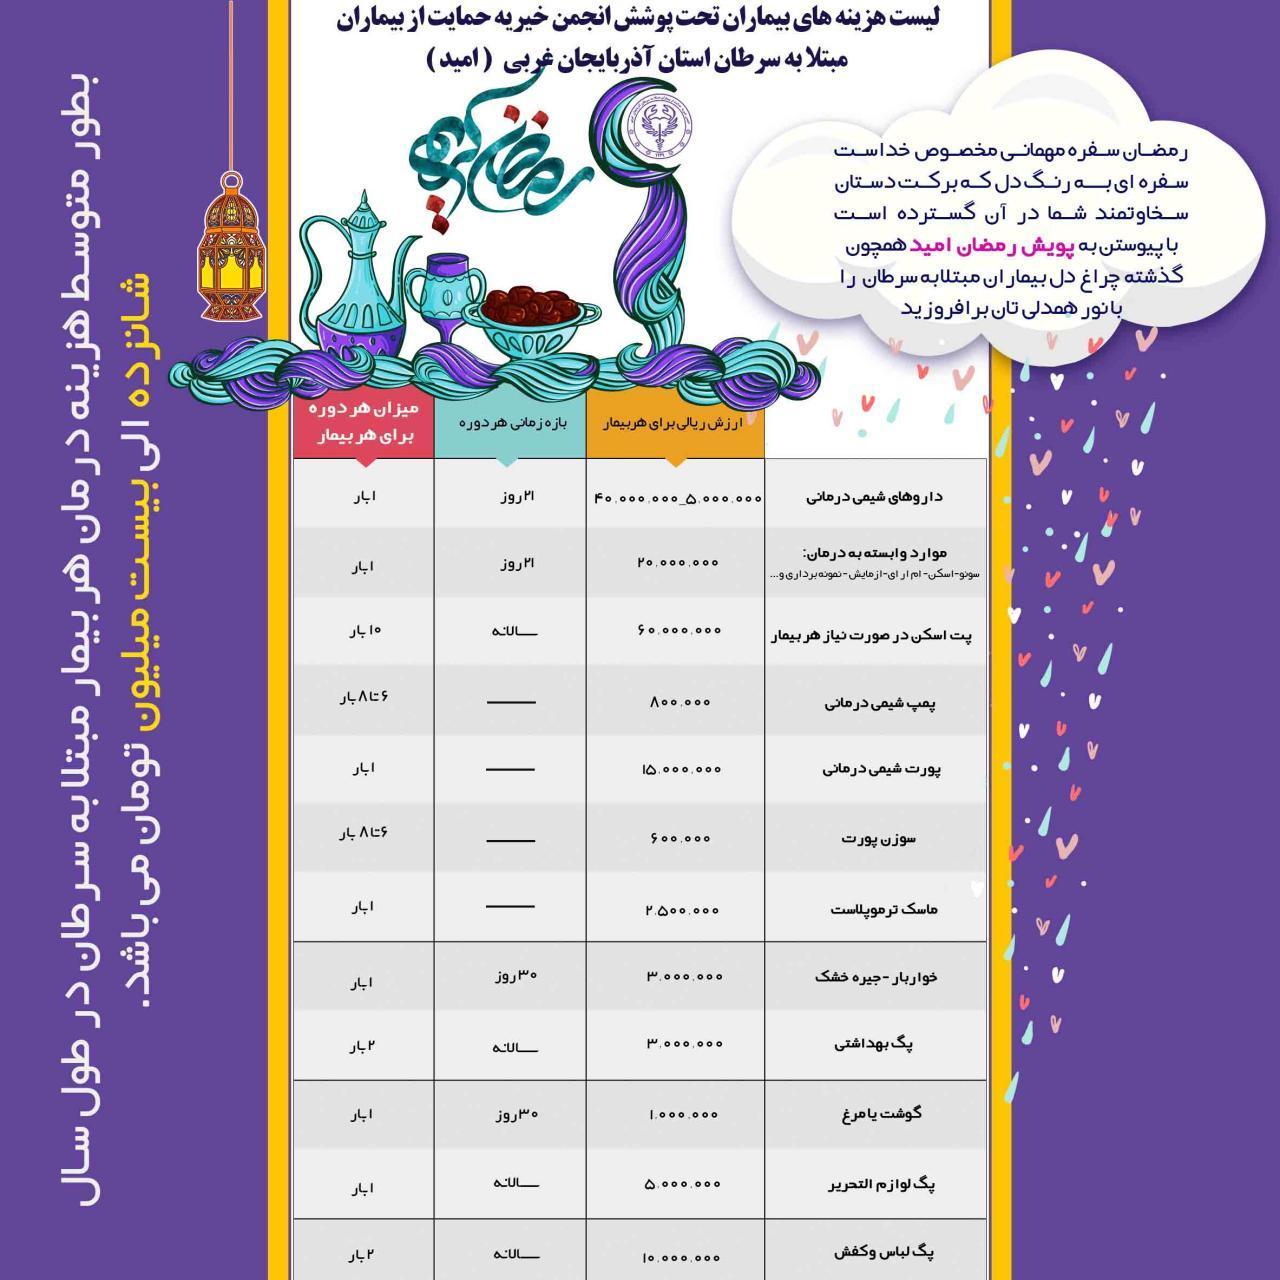 پويش رمضان برای کمک به بيماران نيازمند مبتلا به سرطان